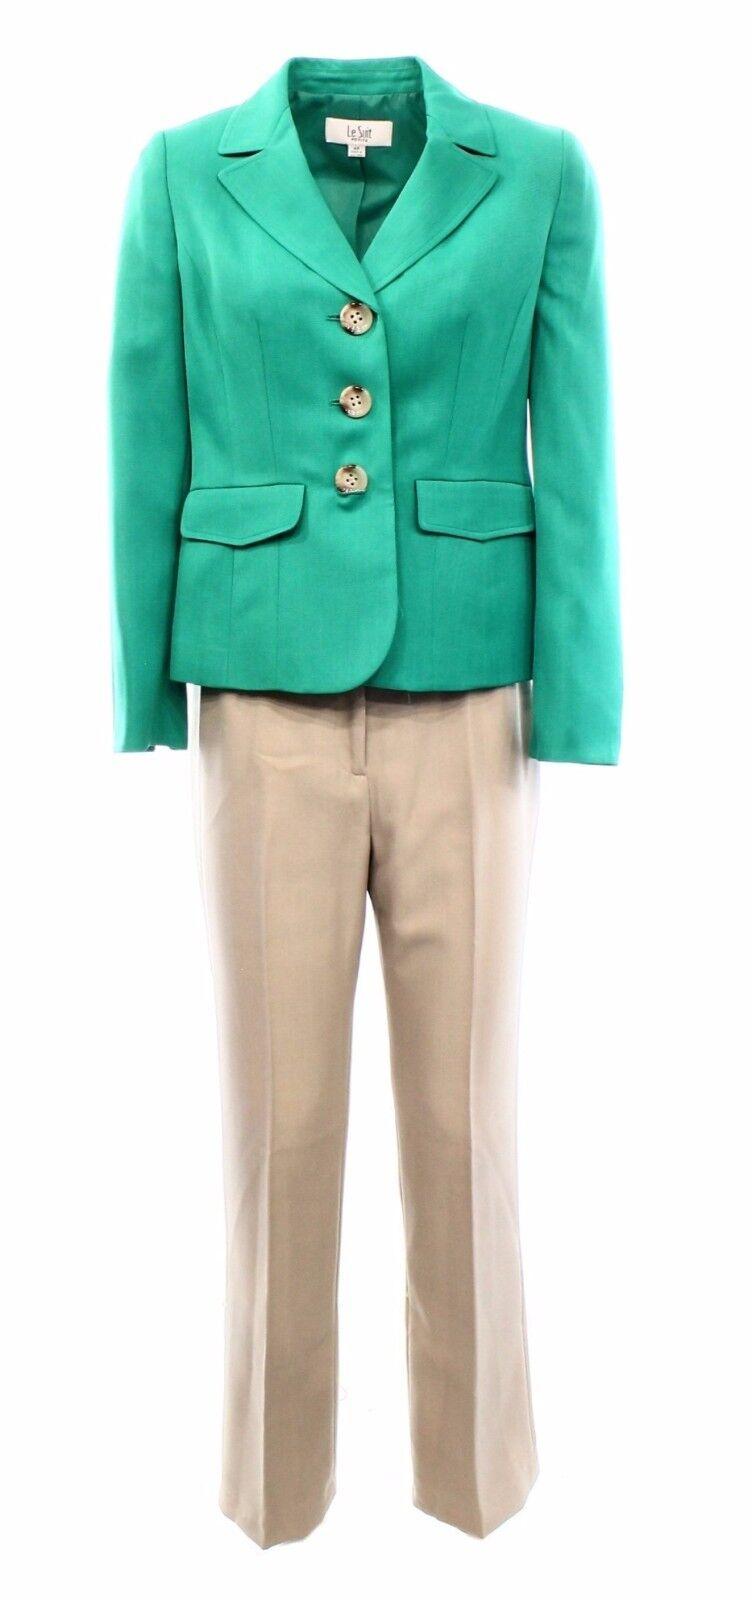 Le Suit NEW Kelly Green 3-Button Women's Size 4 Khaki Pant Suit Set